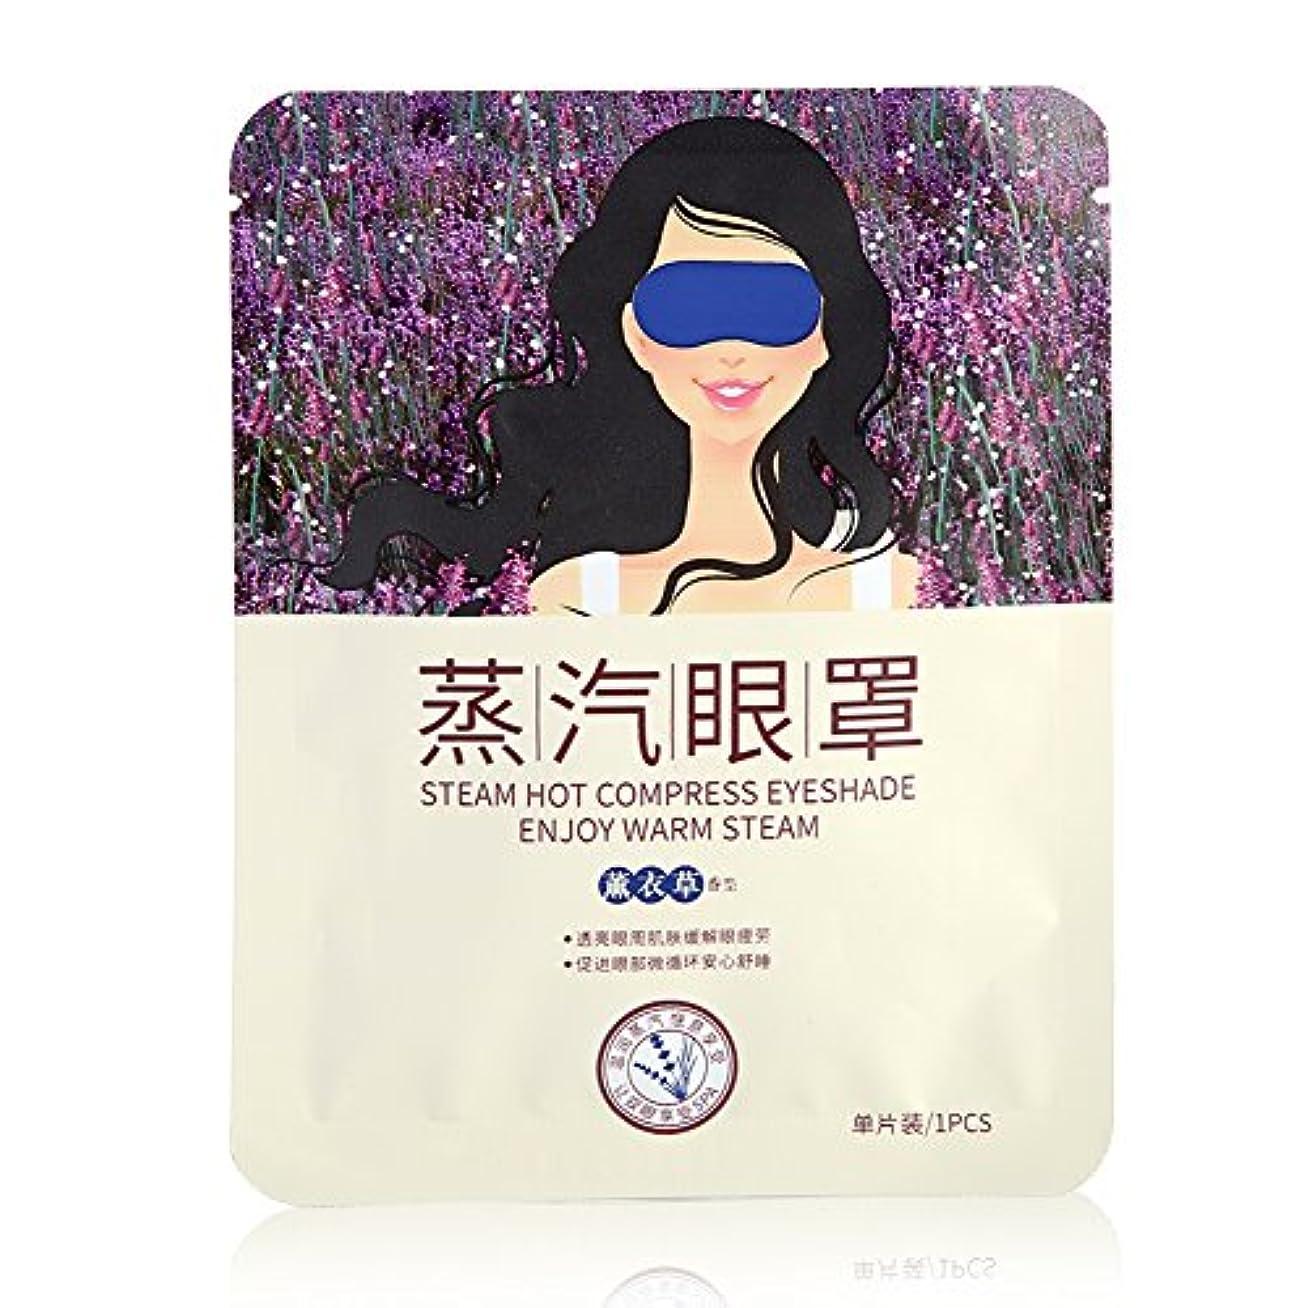 雑品成熟した迷彩Eboxer 蒸気でホットアイマスク ラベンダーの香り 目もとを温めく 軽量 目の疲れ解消 男女通用 安眠 圧迫感なし 遮光 睡眠 ストレス解消